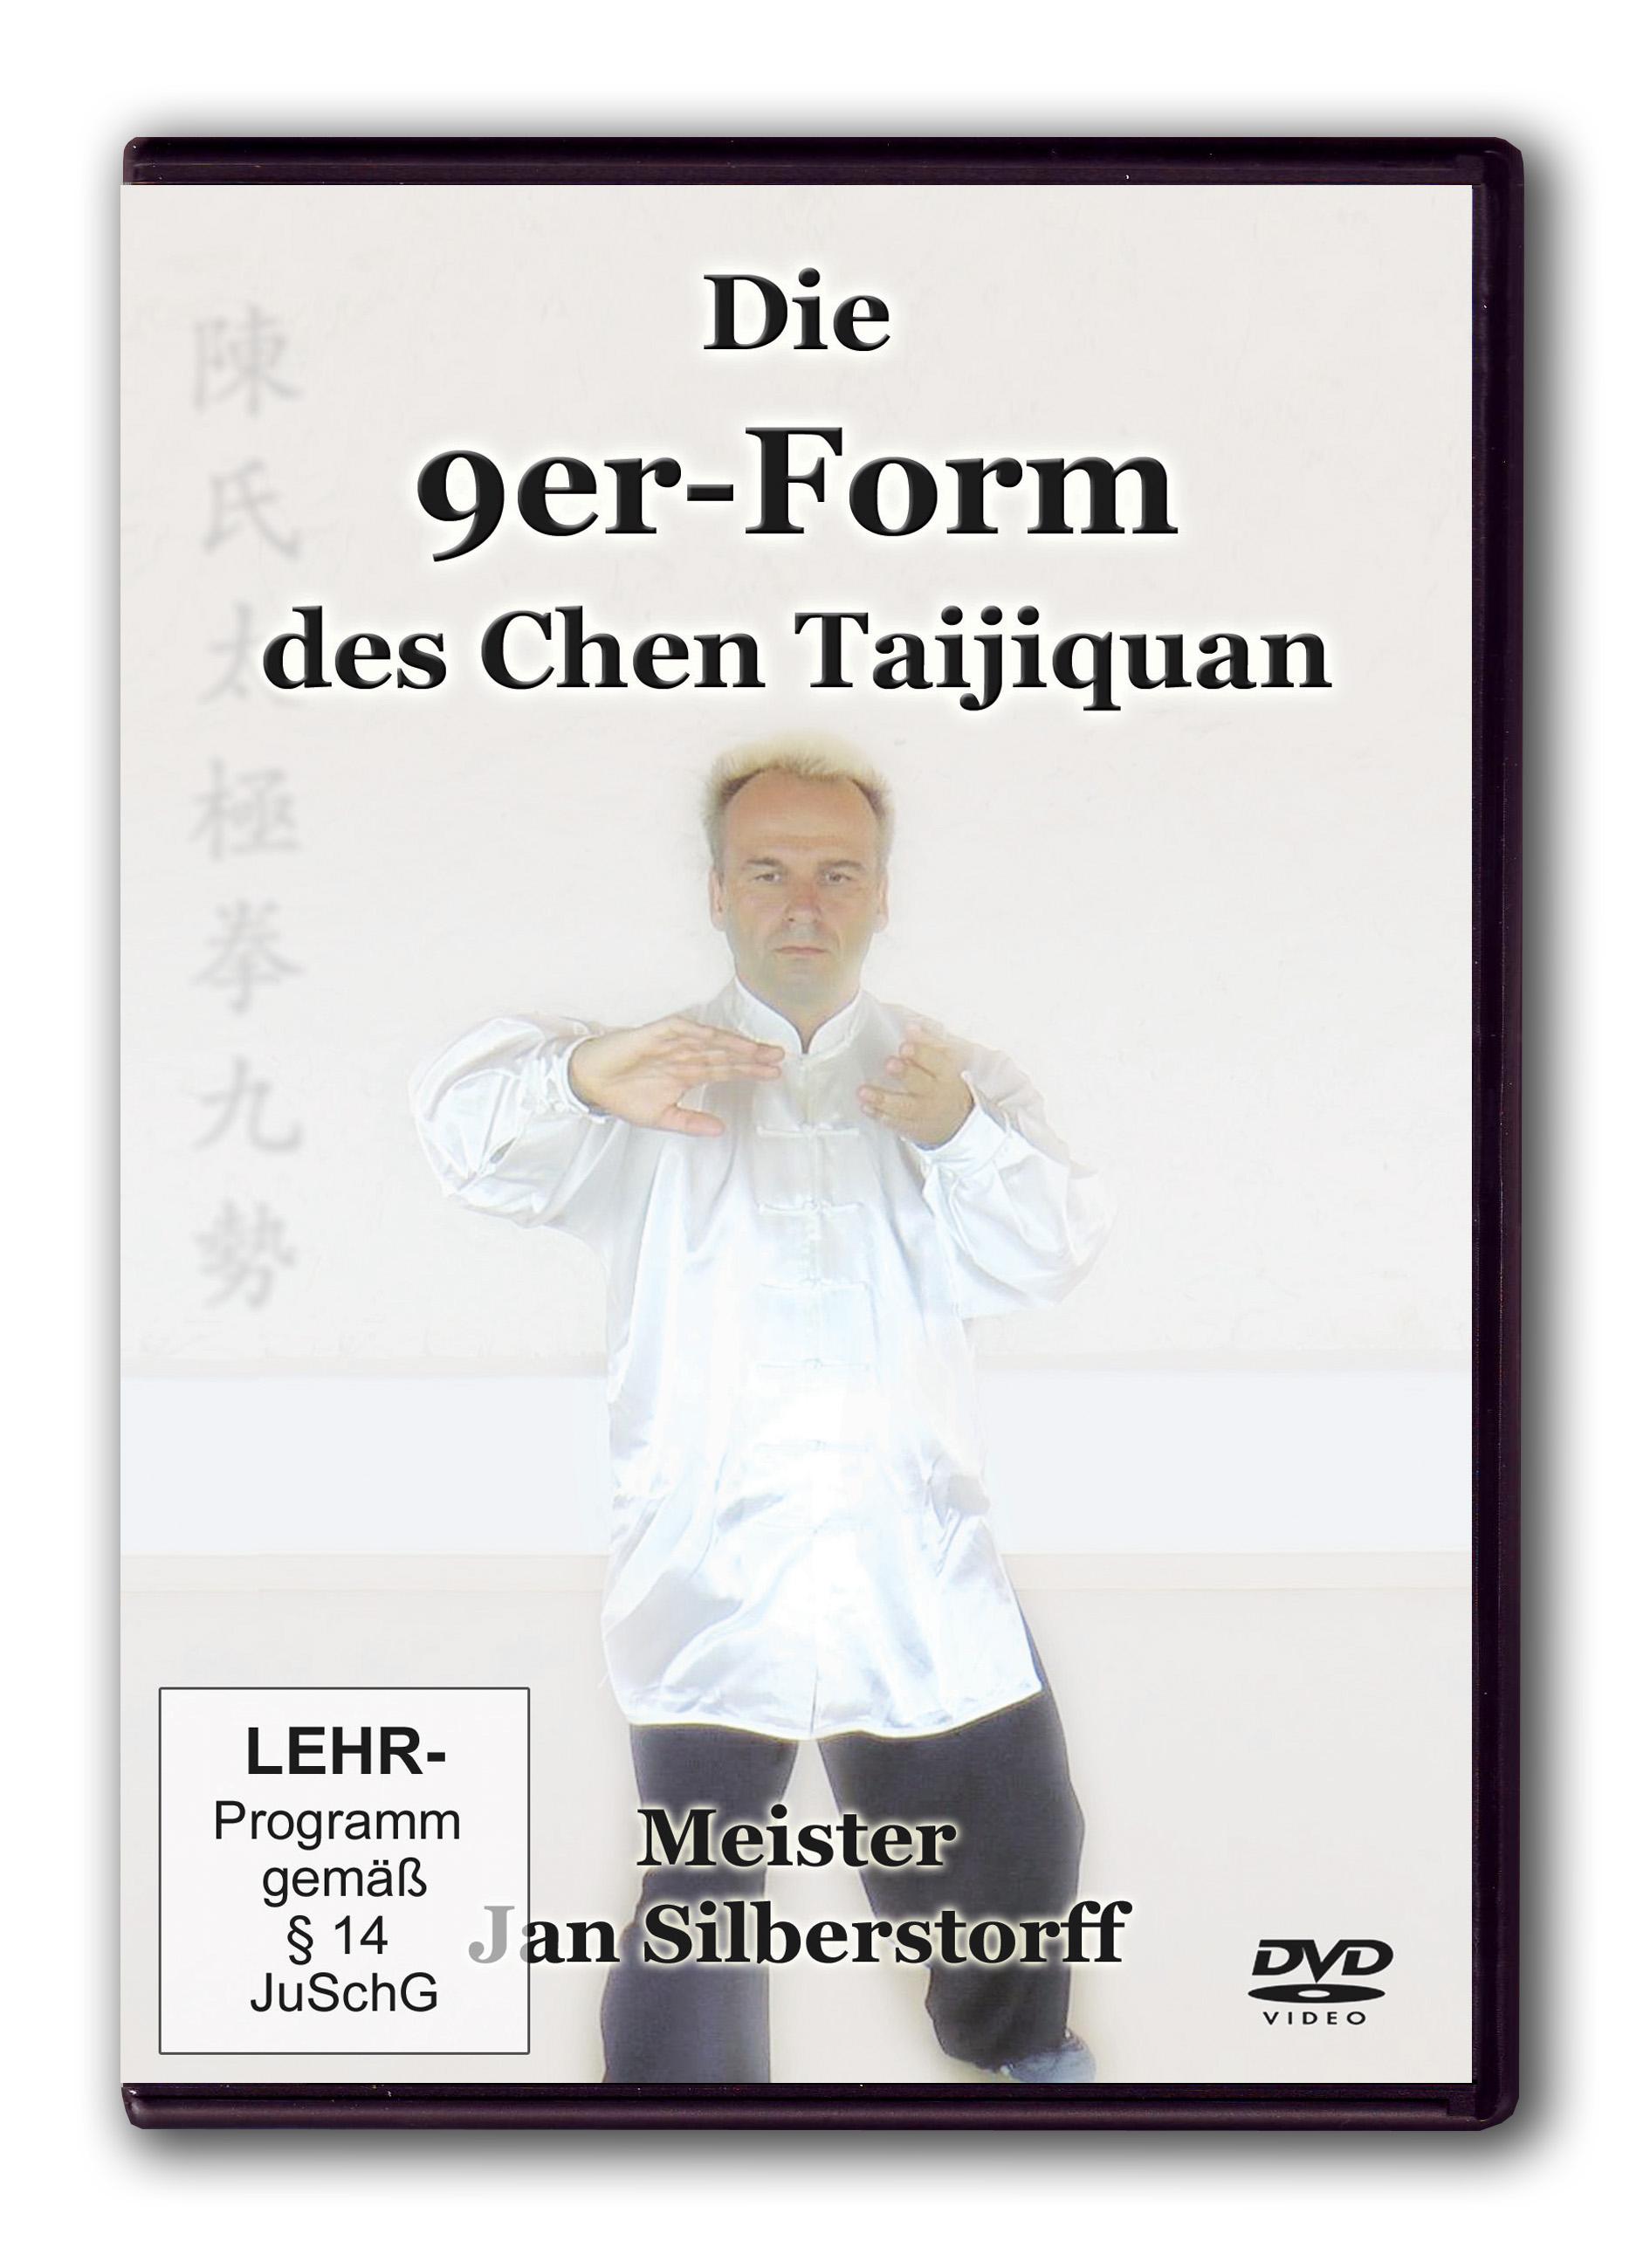 Die 9er-Form des Chen Taijiquan